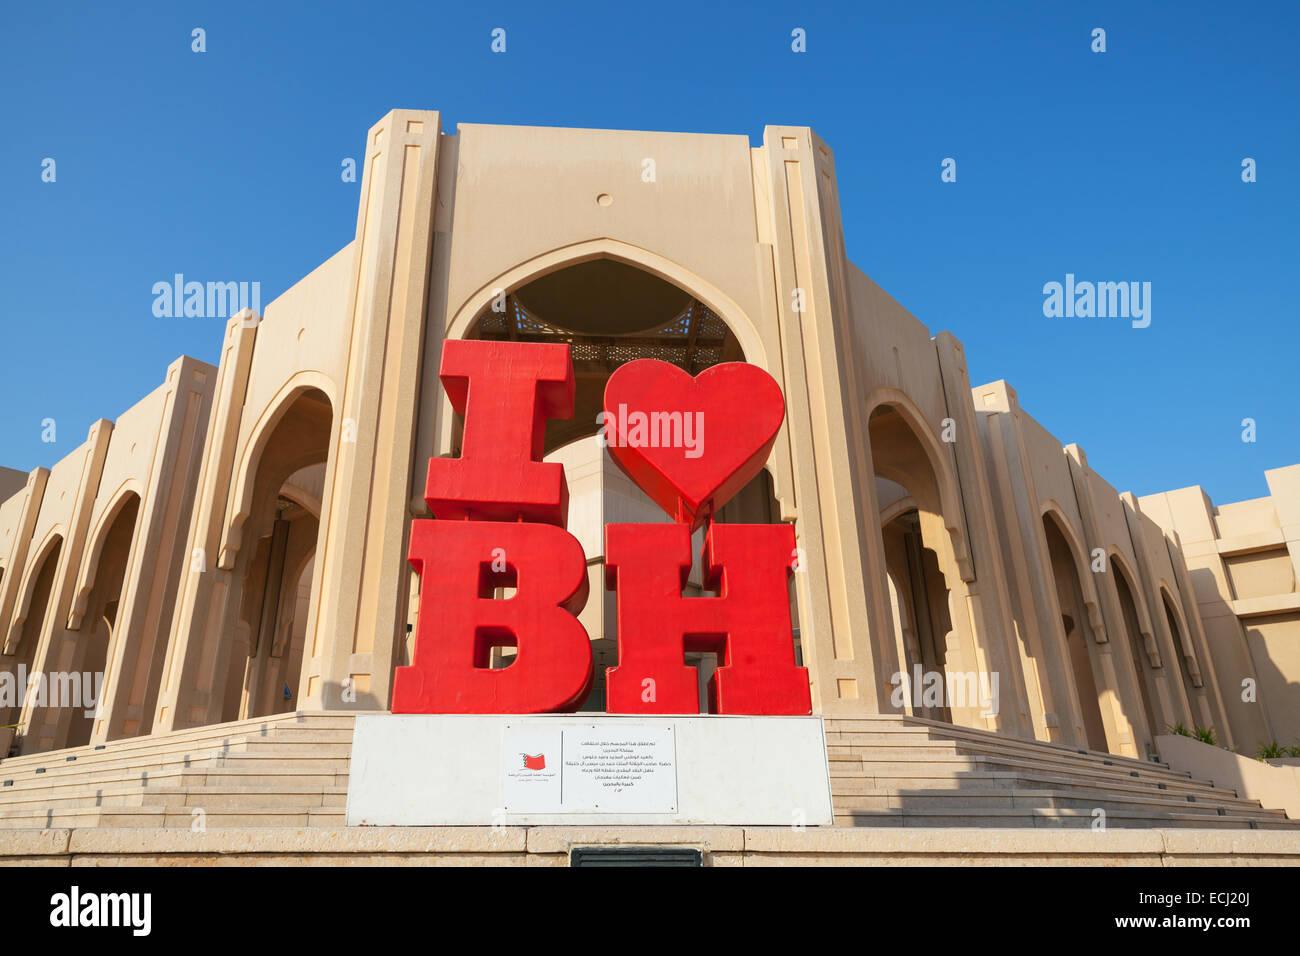 Manama, Bahrain - 21. November 2014: Rote touristische Konstruktion mit Text ich liebe Bahrain steht auf der Straße Stockbild